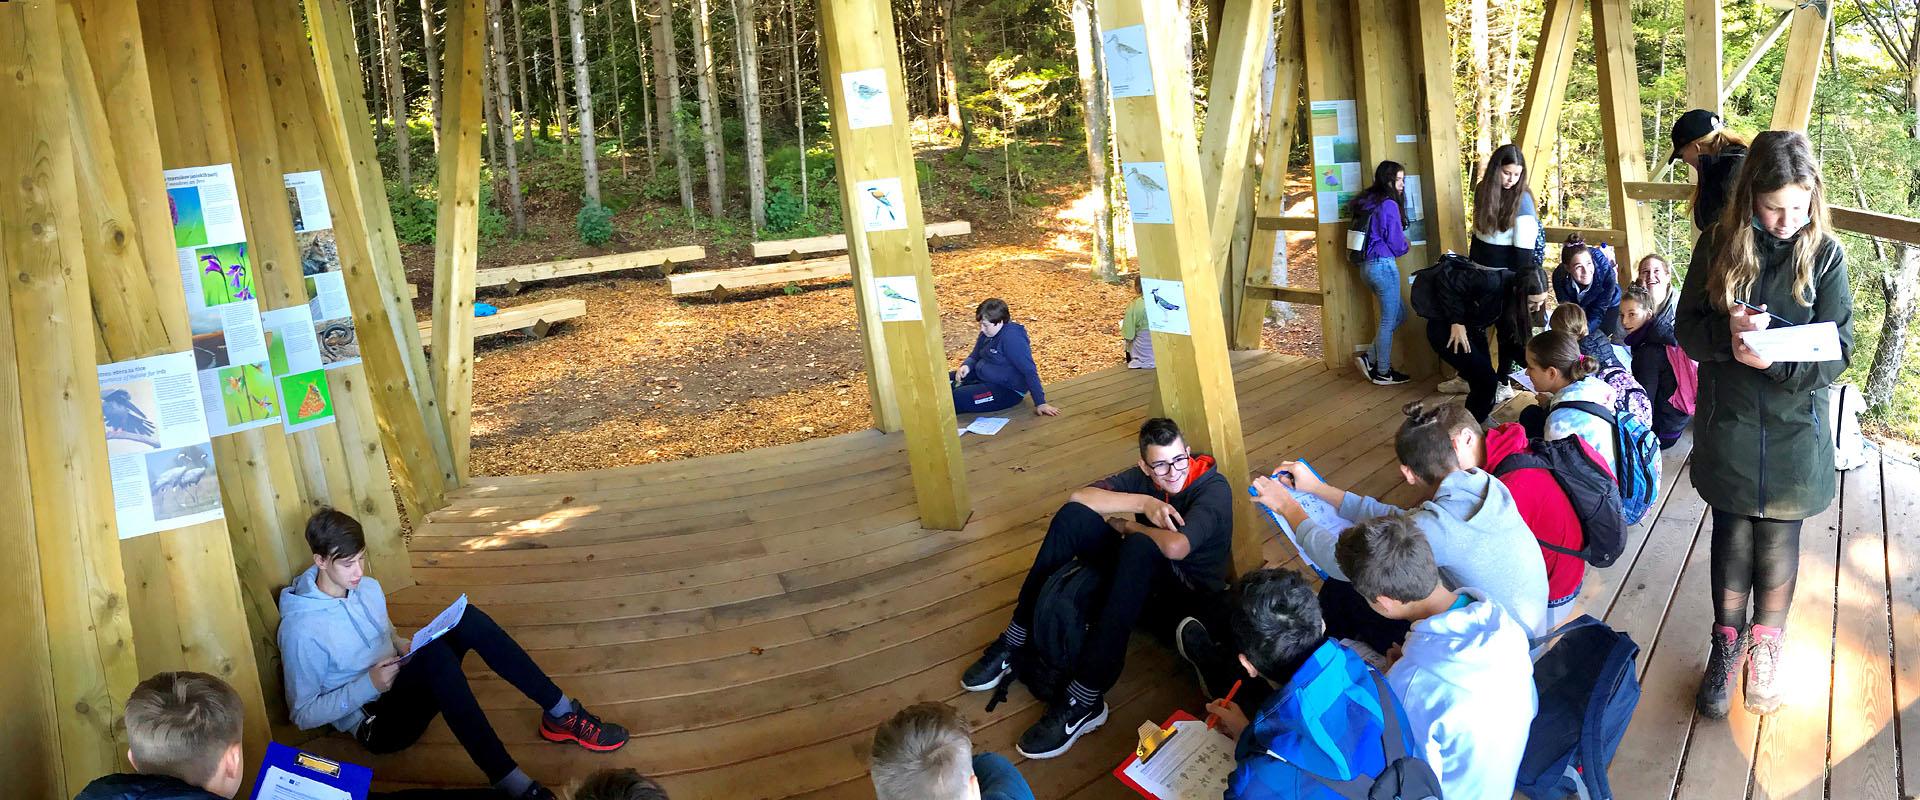 Opazovalnica Kuharca pod streho zlahka sprejme za ves razred učencev, kar smo za reševanje učnih listov izkoristili tudi mi, saj so bile klopi zunaj še mokre. Ob enkratnem razgledu na polno jezero z obronka javorniškega gozda smo spoznavali pomen tega svetovnega jezerskega fenomena in prebivalce, ki naseljujejo gozdove ob njem.